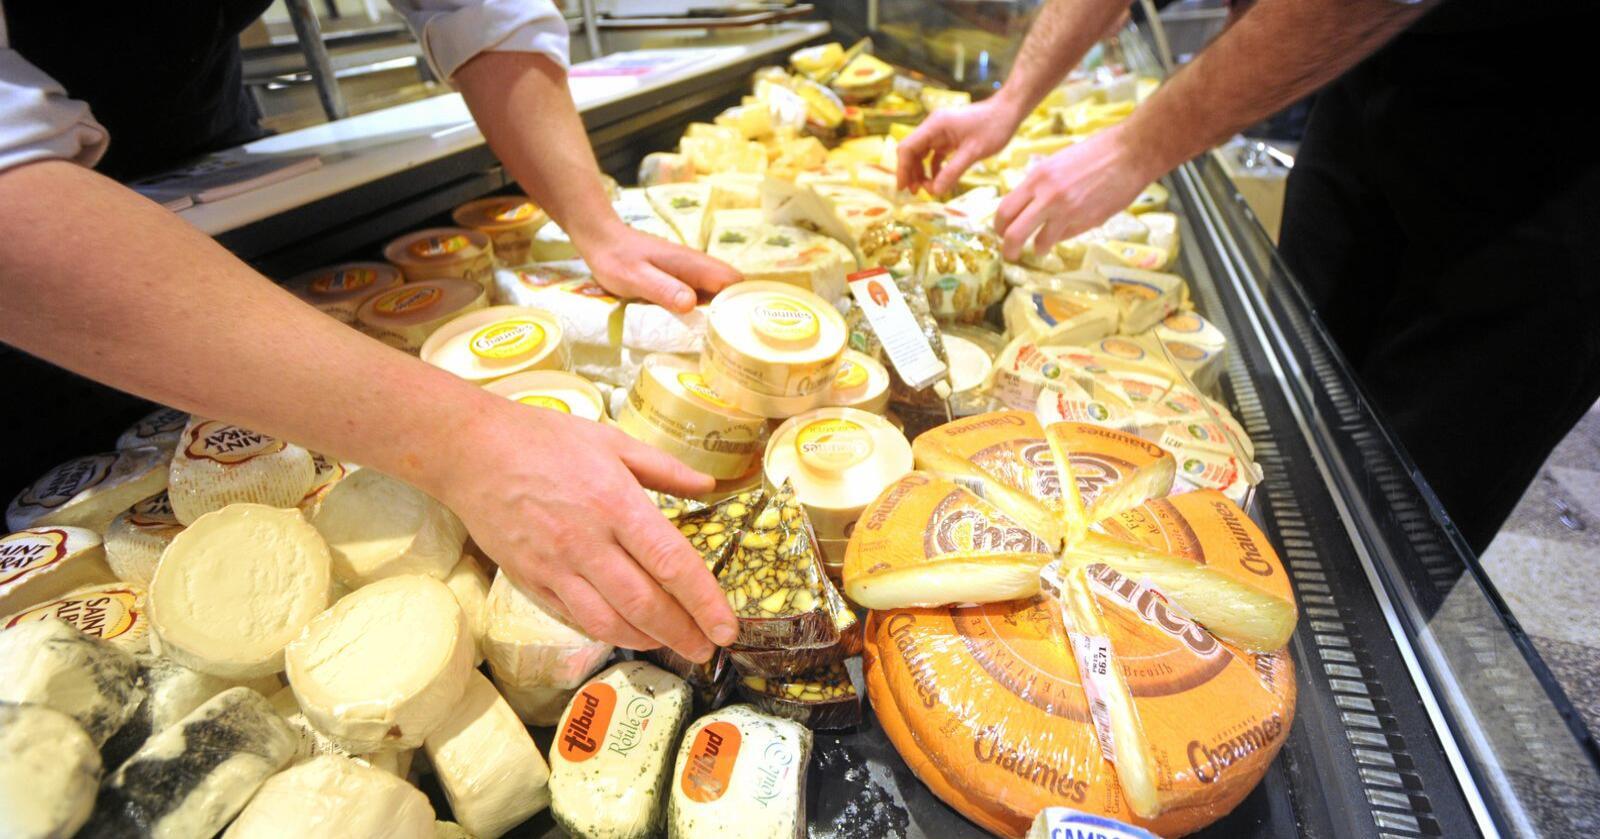 Tine skal ta opp kampen med den importerte osten. Foto: Siri Juell Rasmussen